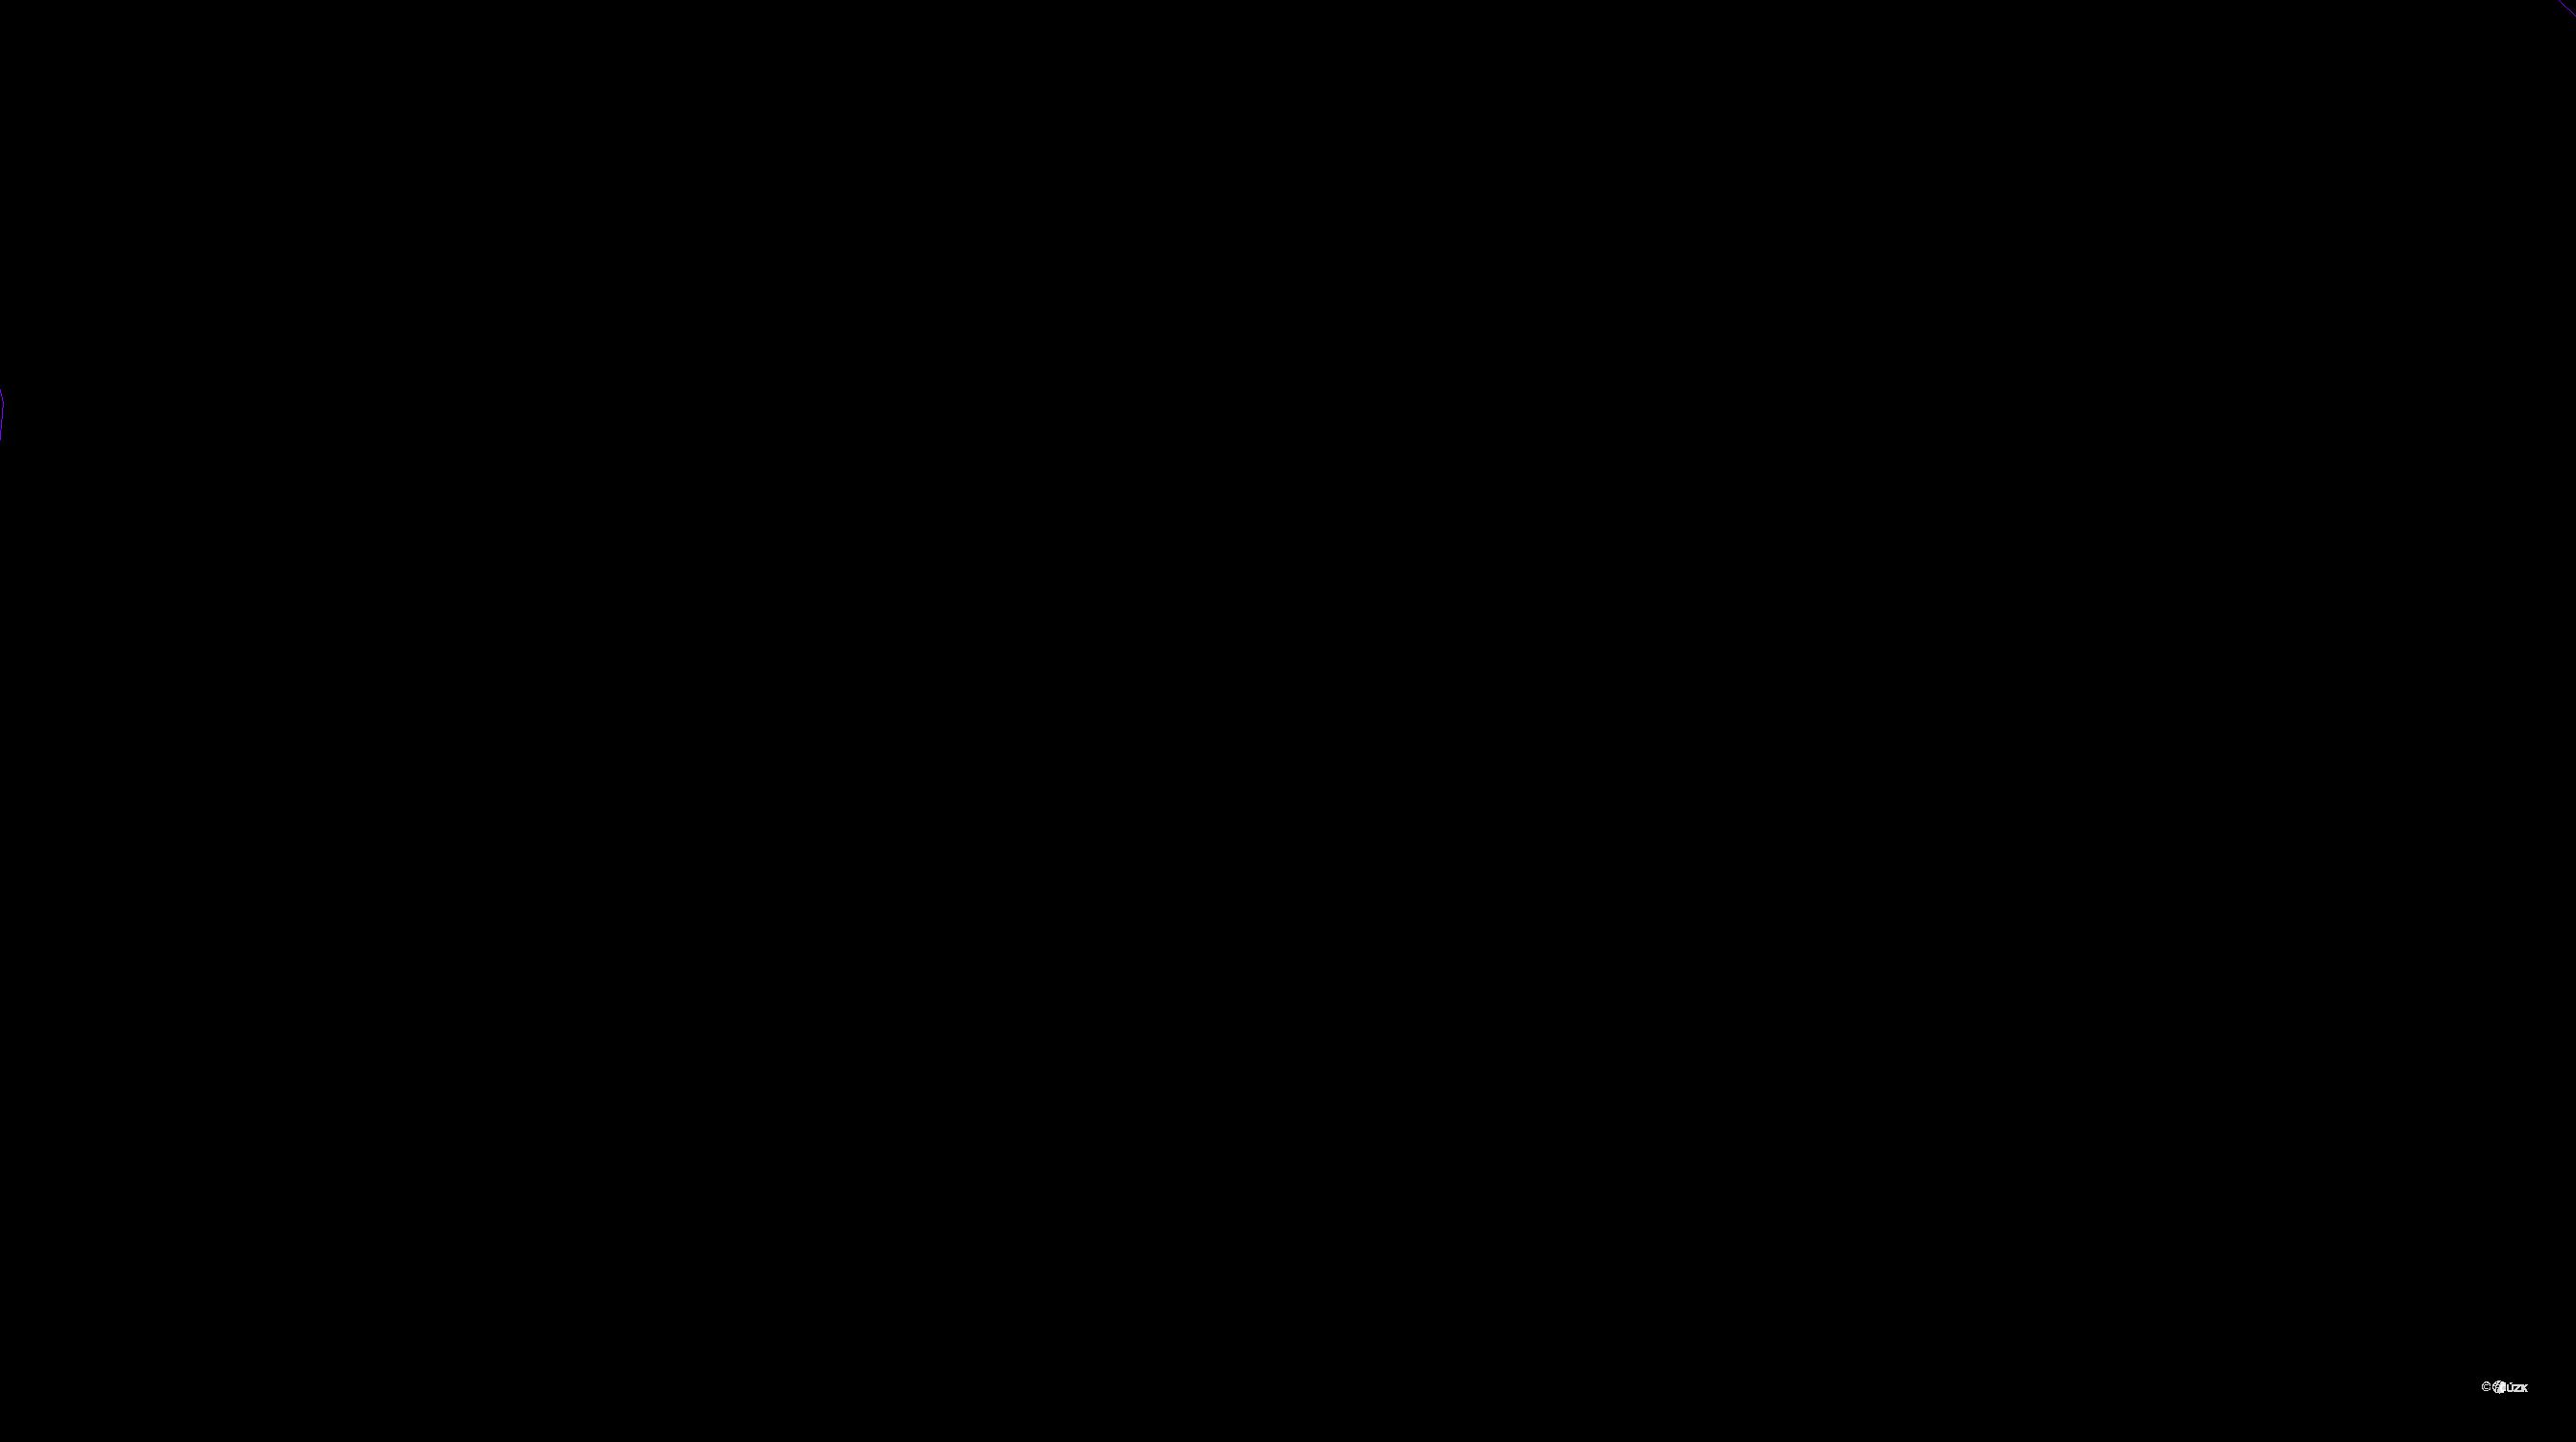 Katastrální mapa pozemků a čísla parcel Alšovice